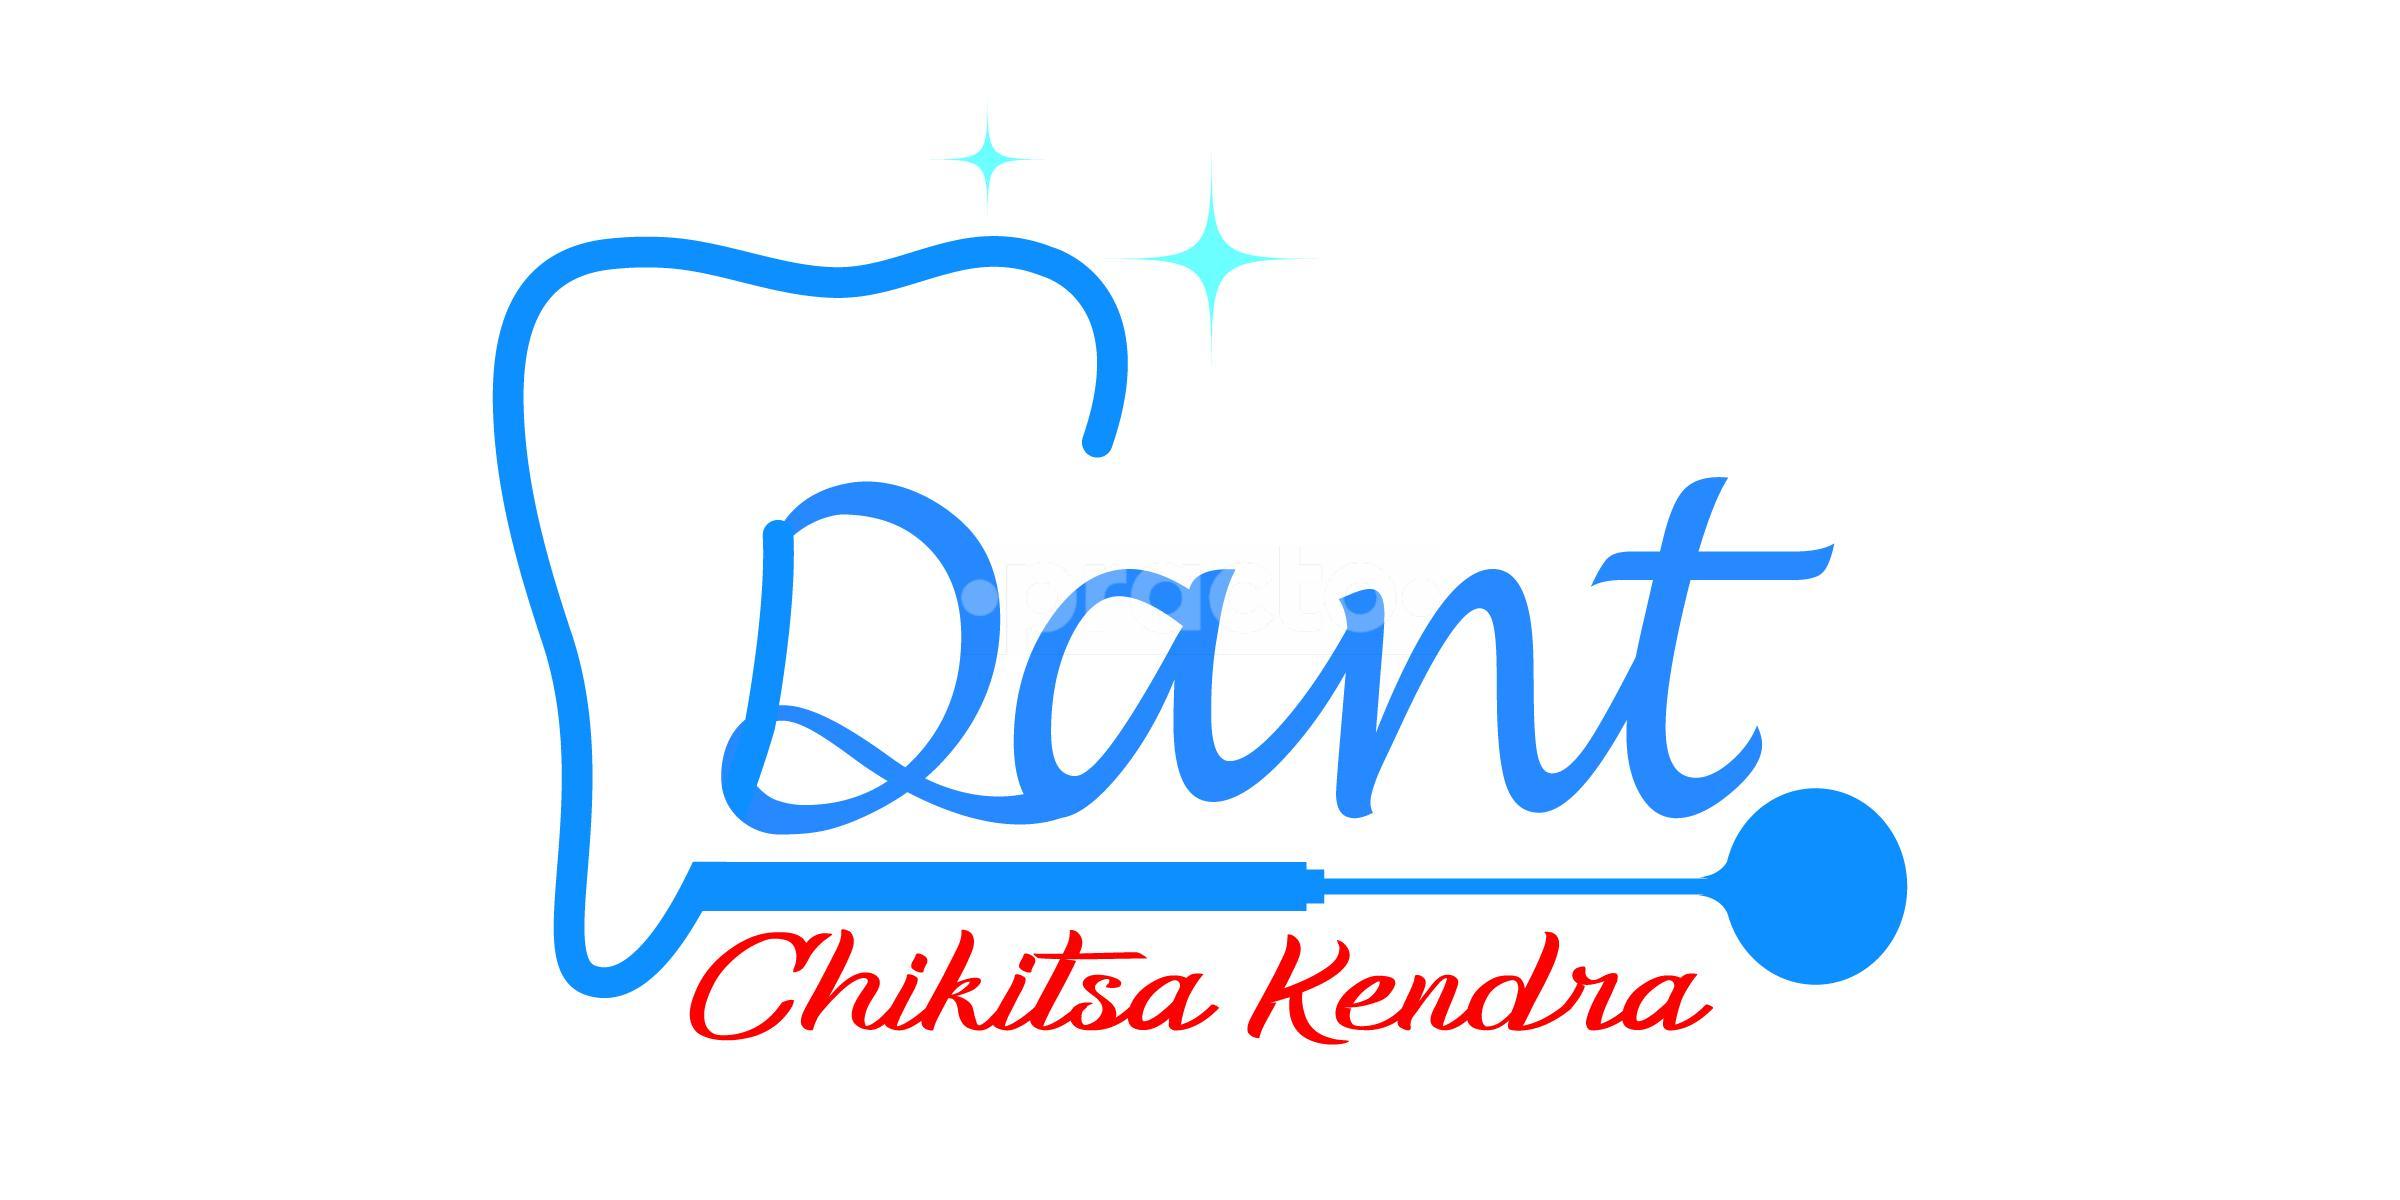 Dantchikitsa kendra.